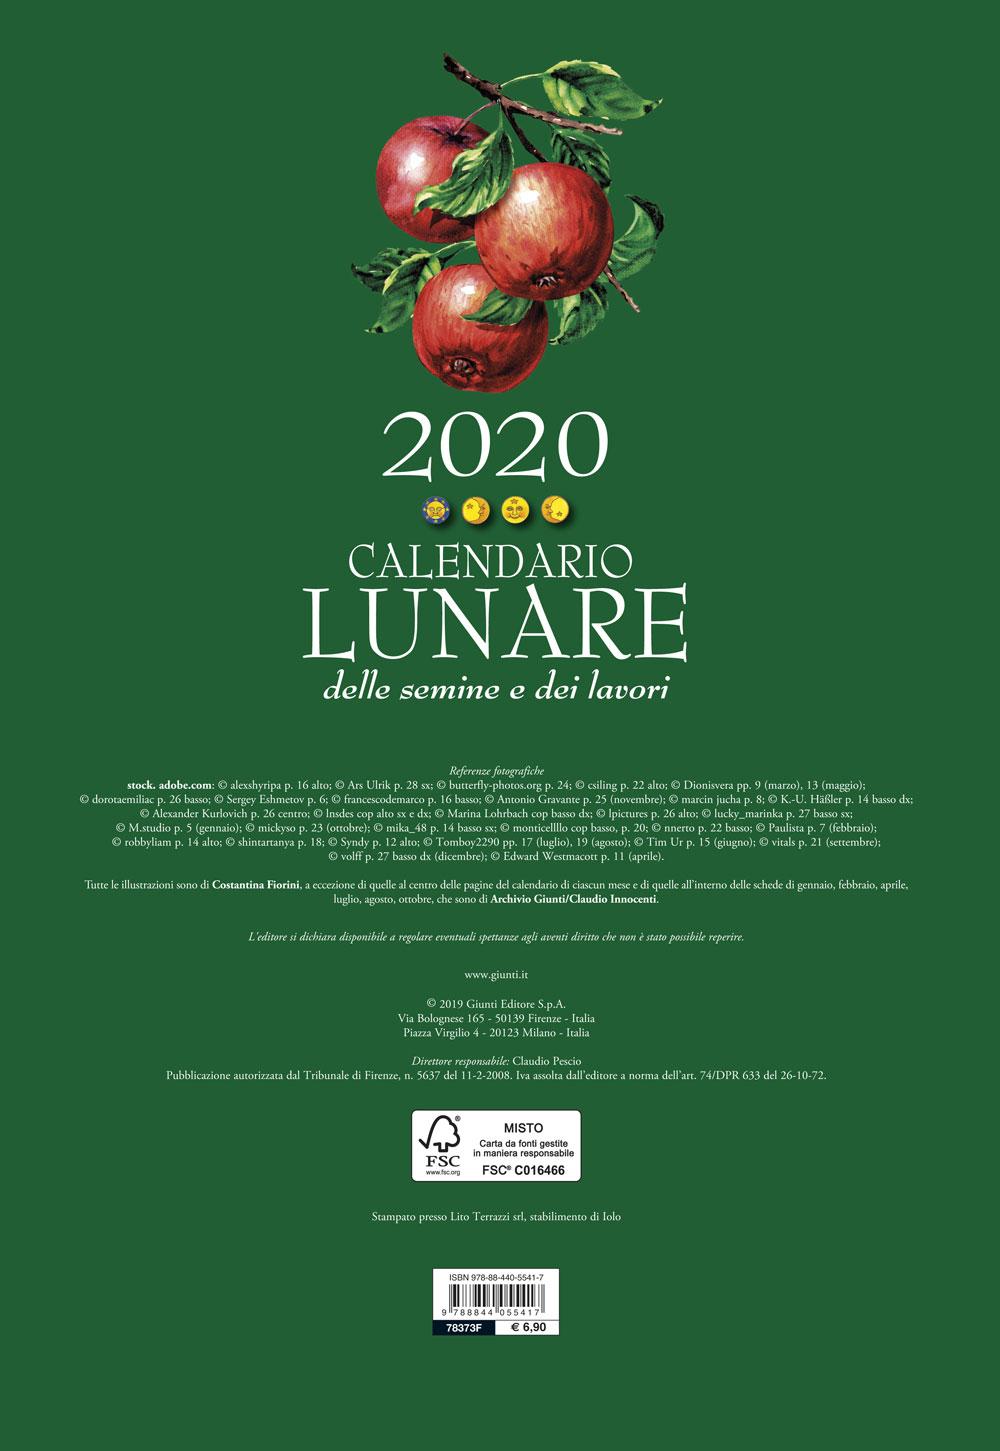 Calendario Lunare 2020 Giunti